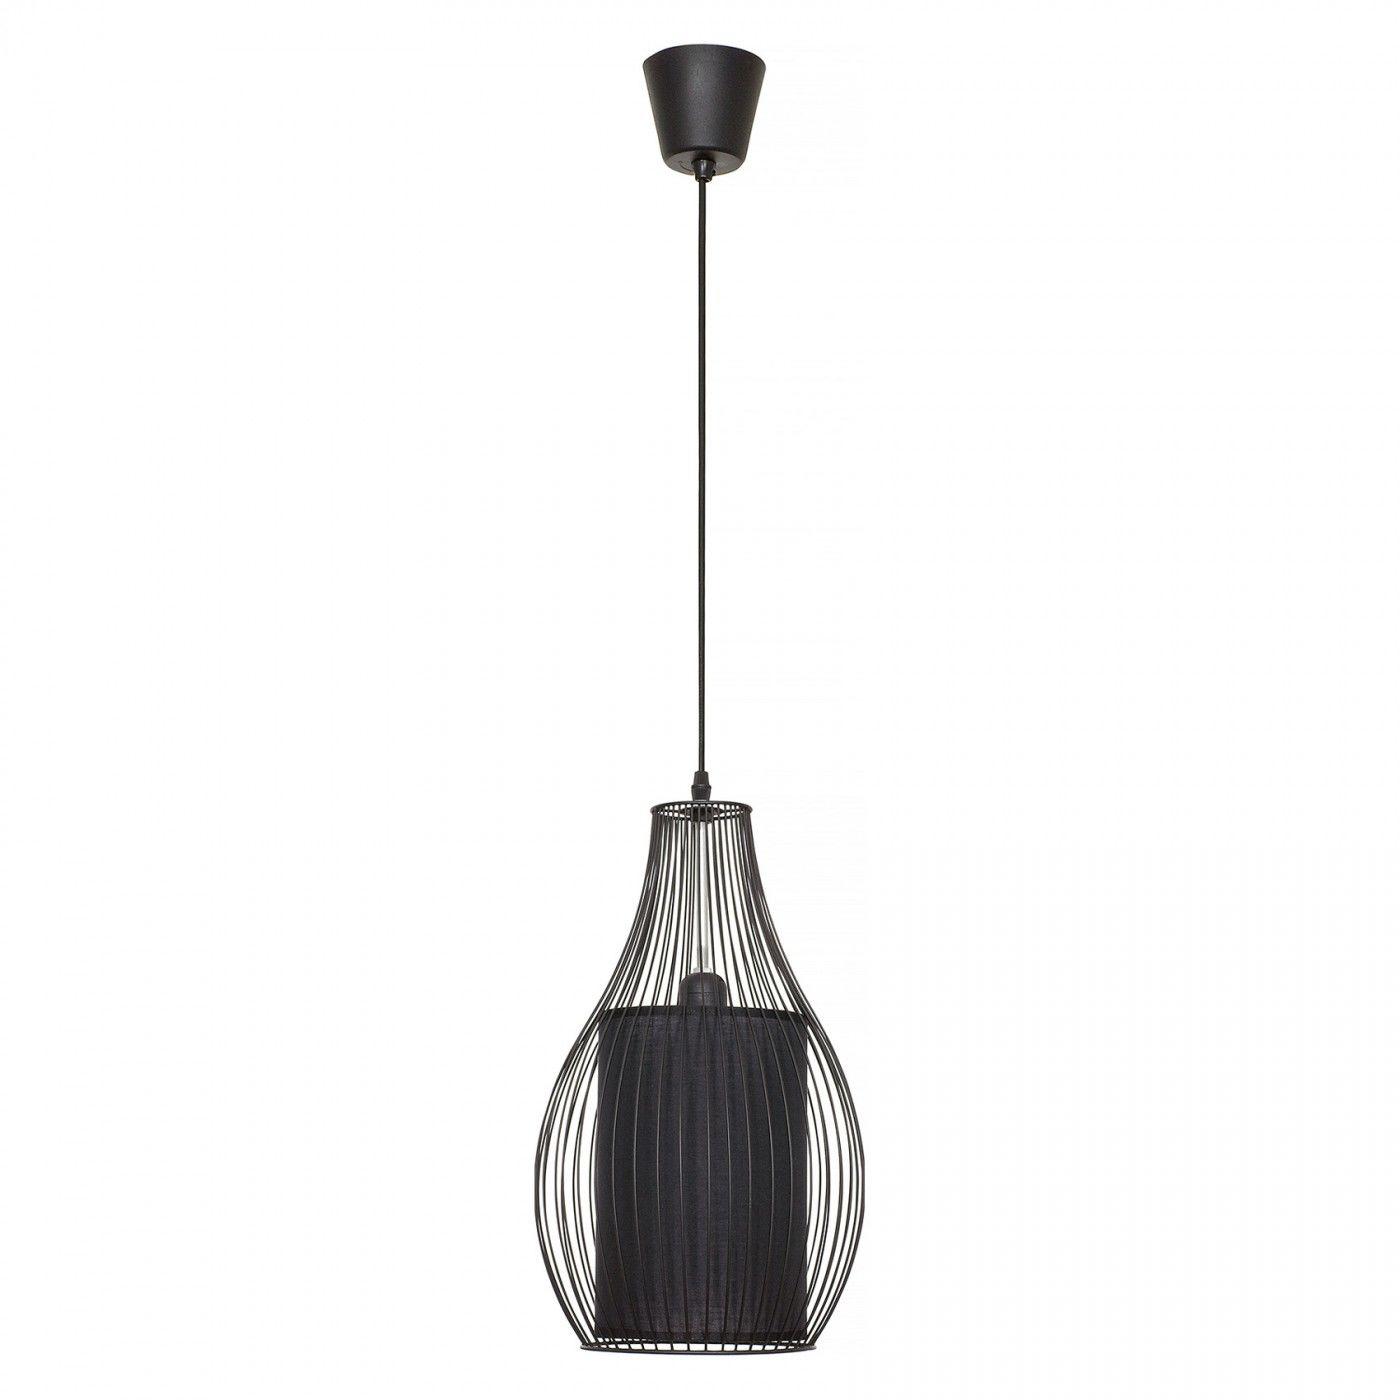 Lampa wisząca Camilla 4610 Nowodvorski Lighting nowoczesna druciana oprawa w kolorze czarnym